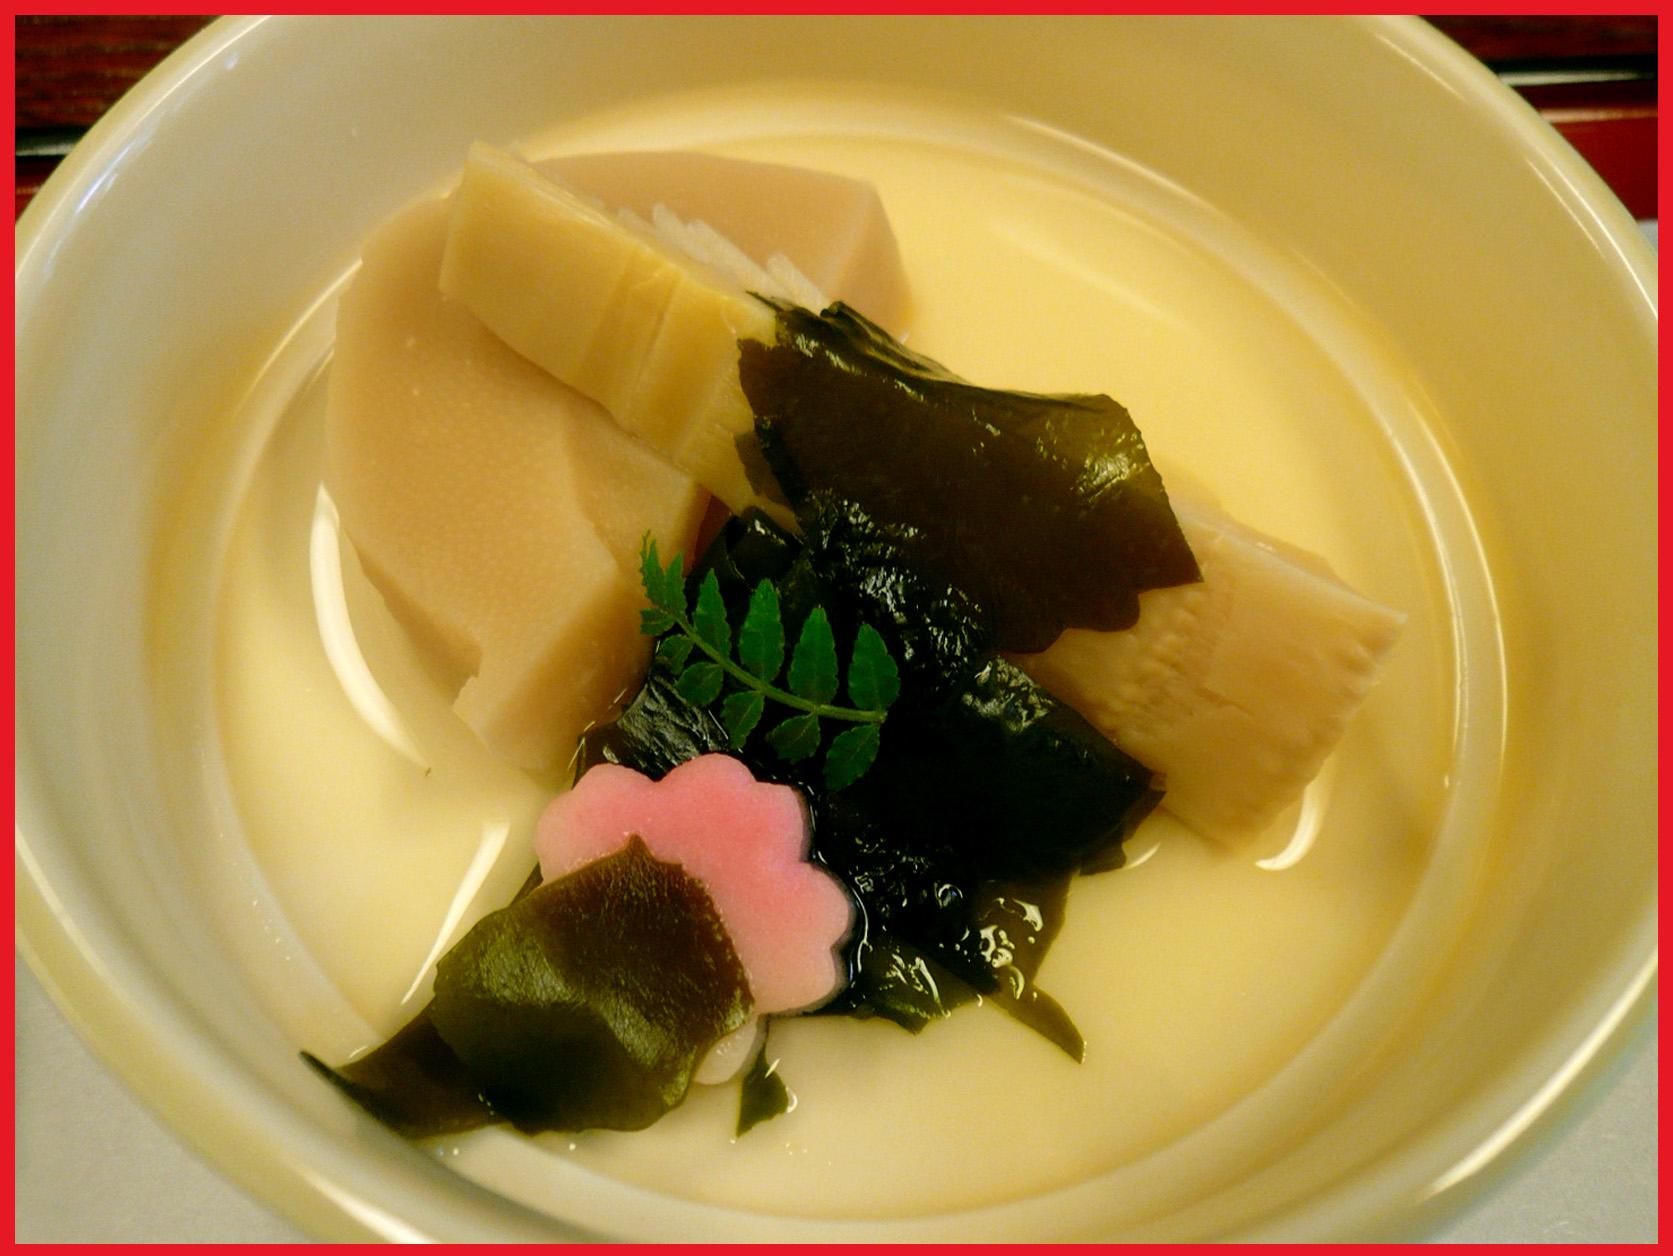 春をいただきに京都へ。旬を食べて、長生き・・・ネッ!_e0236072_16274761.jpg